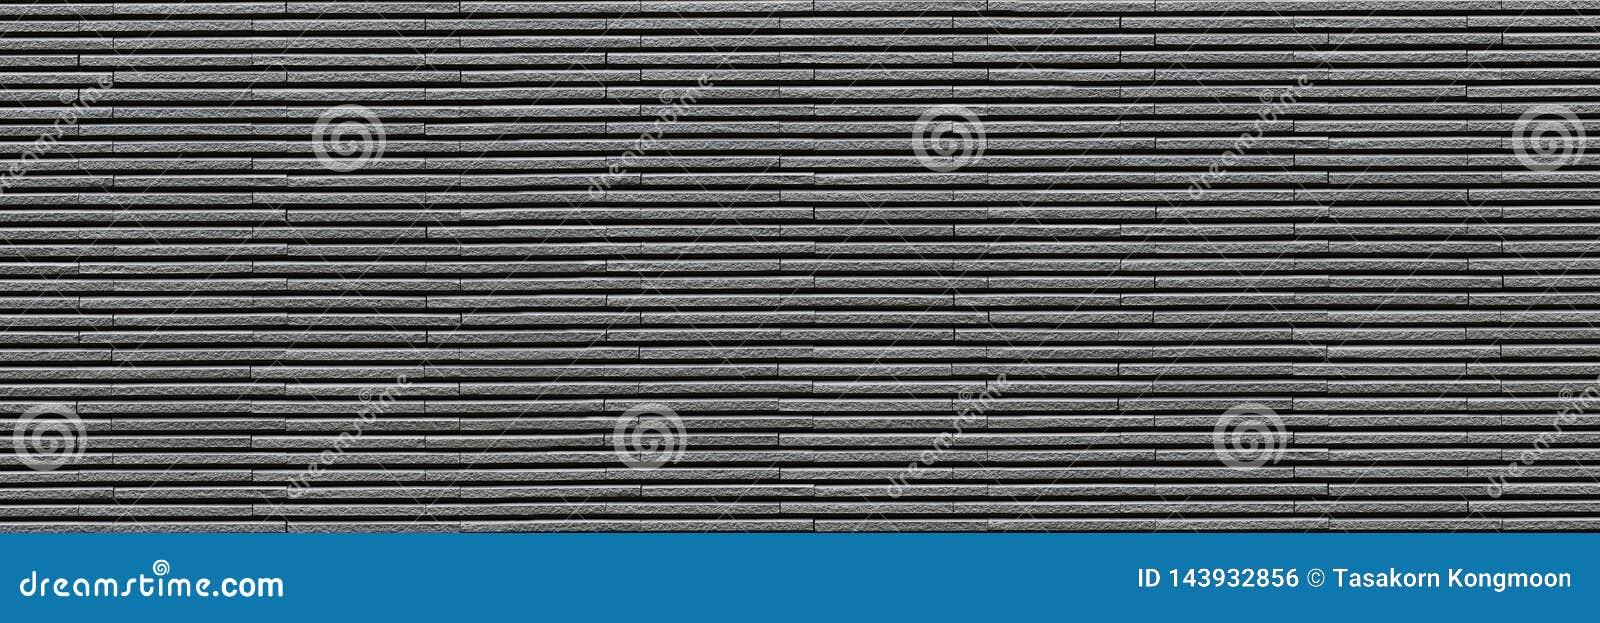 Mur de briques moderne gris-foncé horizontal pour le modèle et le fond